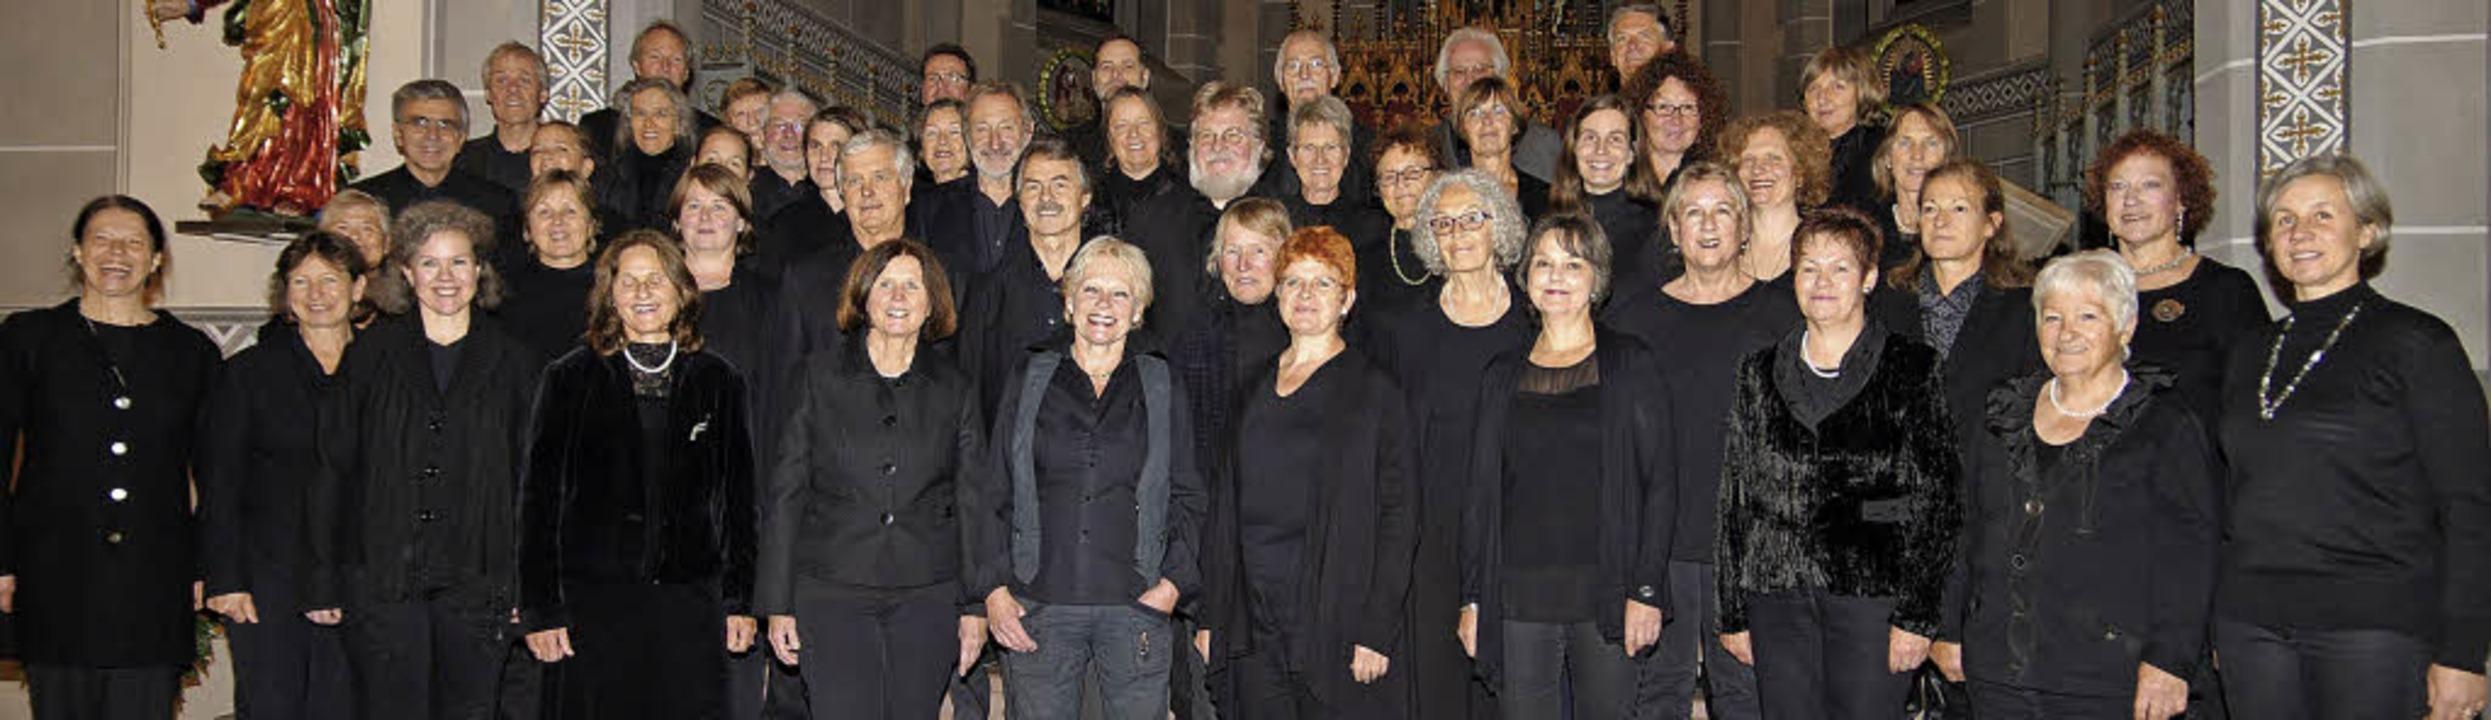 Der Staufener Kammerchor ist einer von...en Chören, die Kerstin Bögner leitet.     Foto: Privat/Gabriele Hennicke